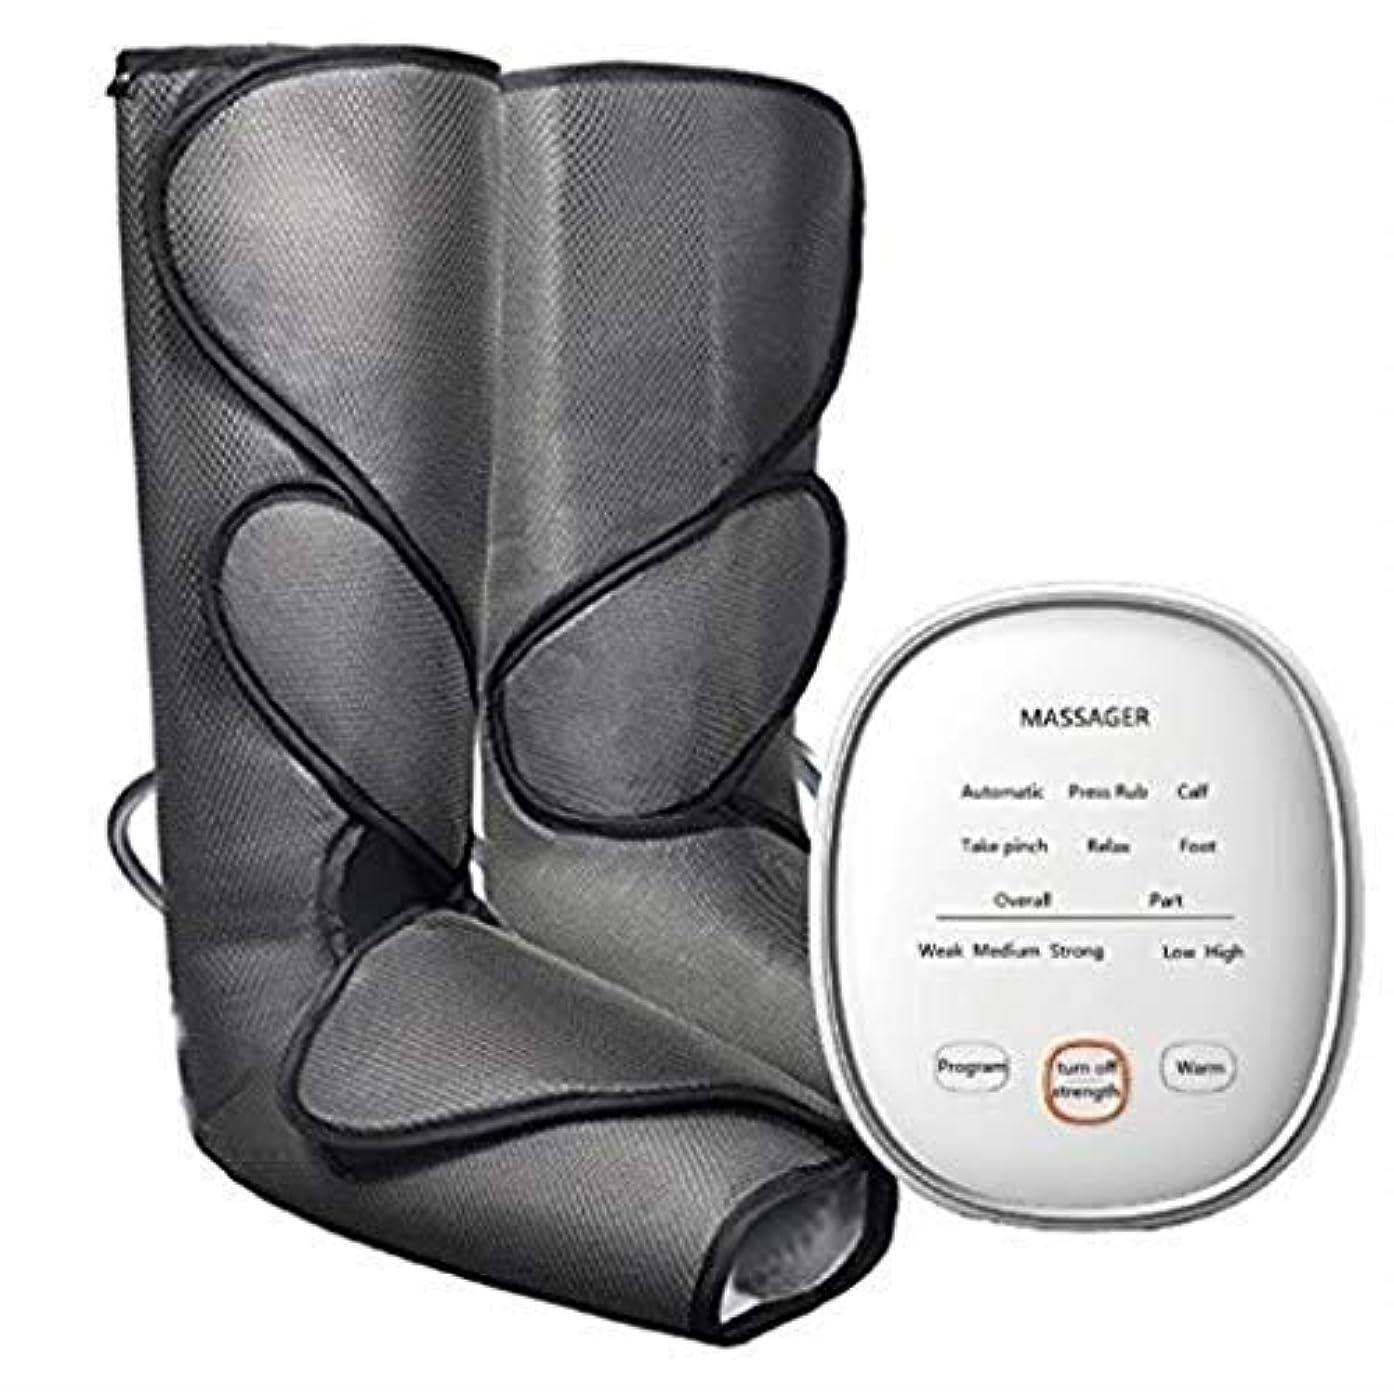 シェルターベンチ自治手持ち式コントローラでは足とふくらはぎ、ハイの6モードと低温加熱の血液循環マッサージを促進するための脚のマッサージ、脚空気圧マッサージ器